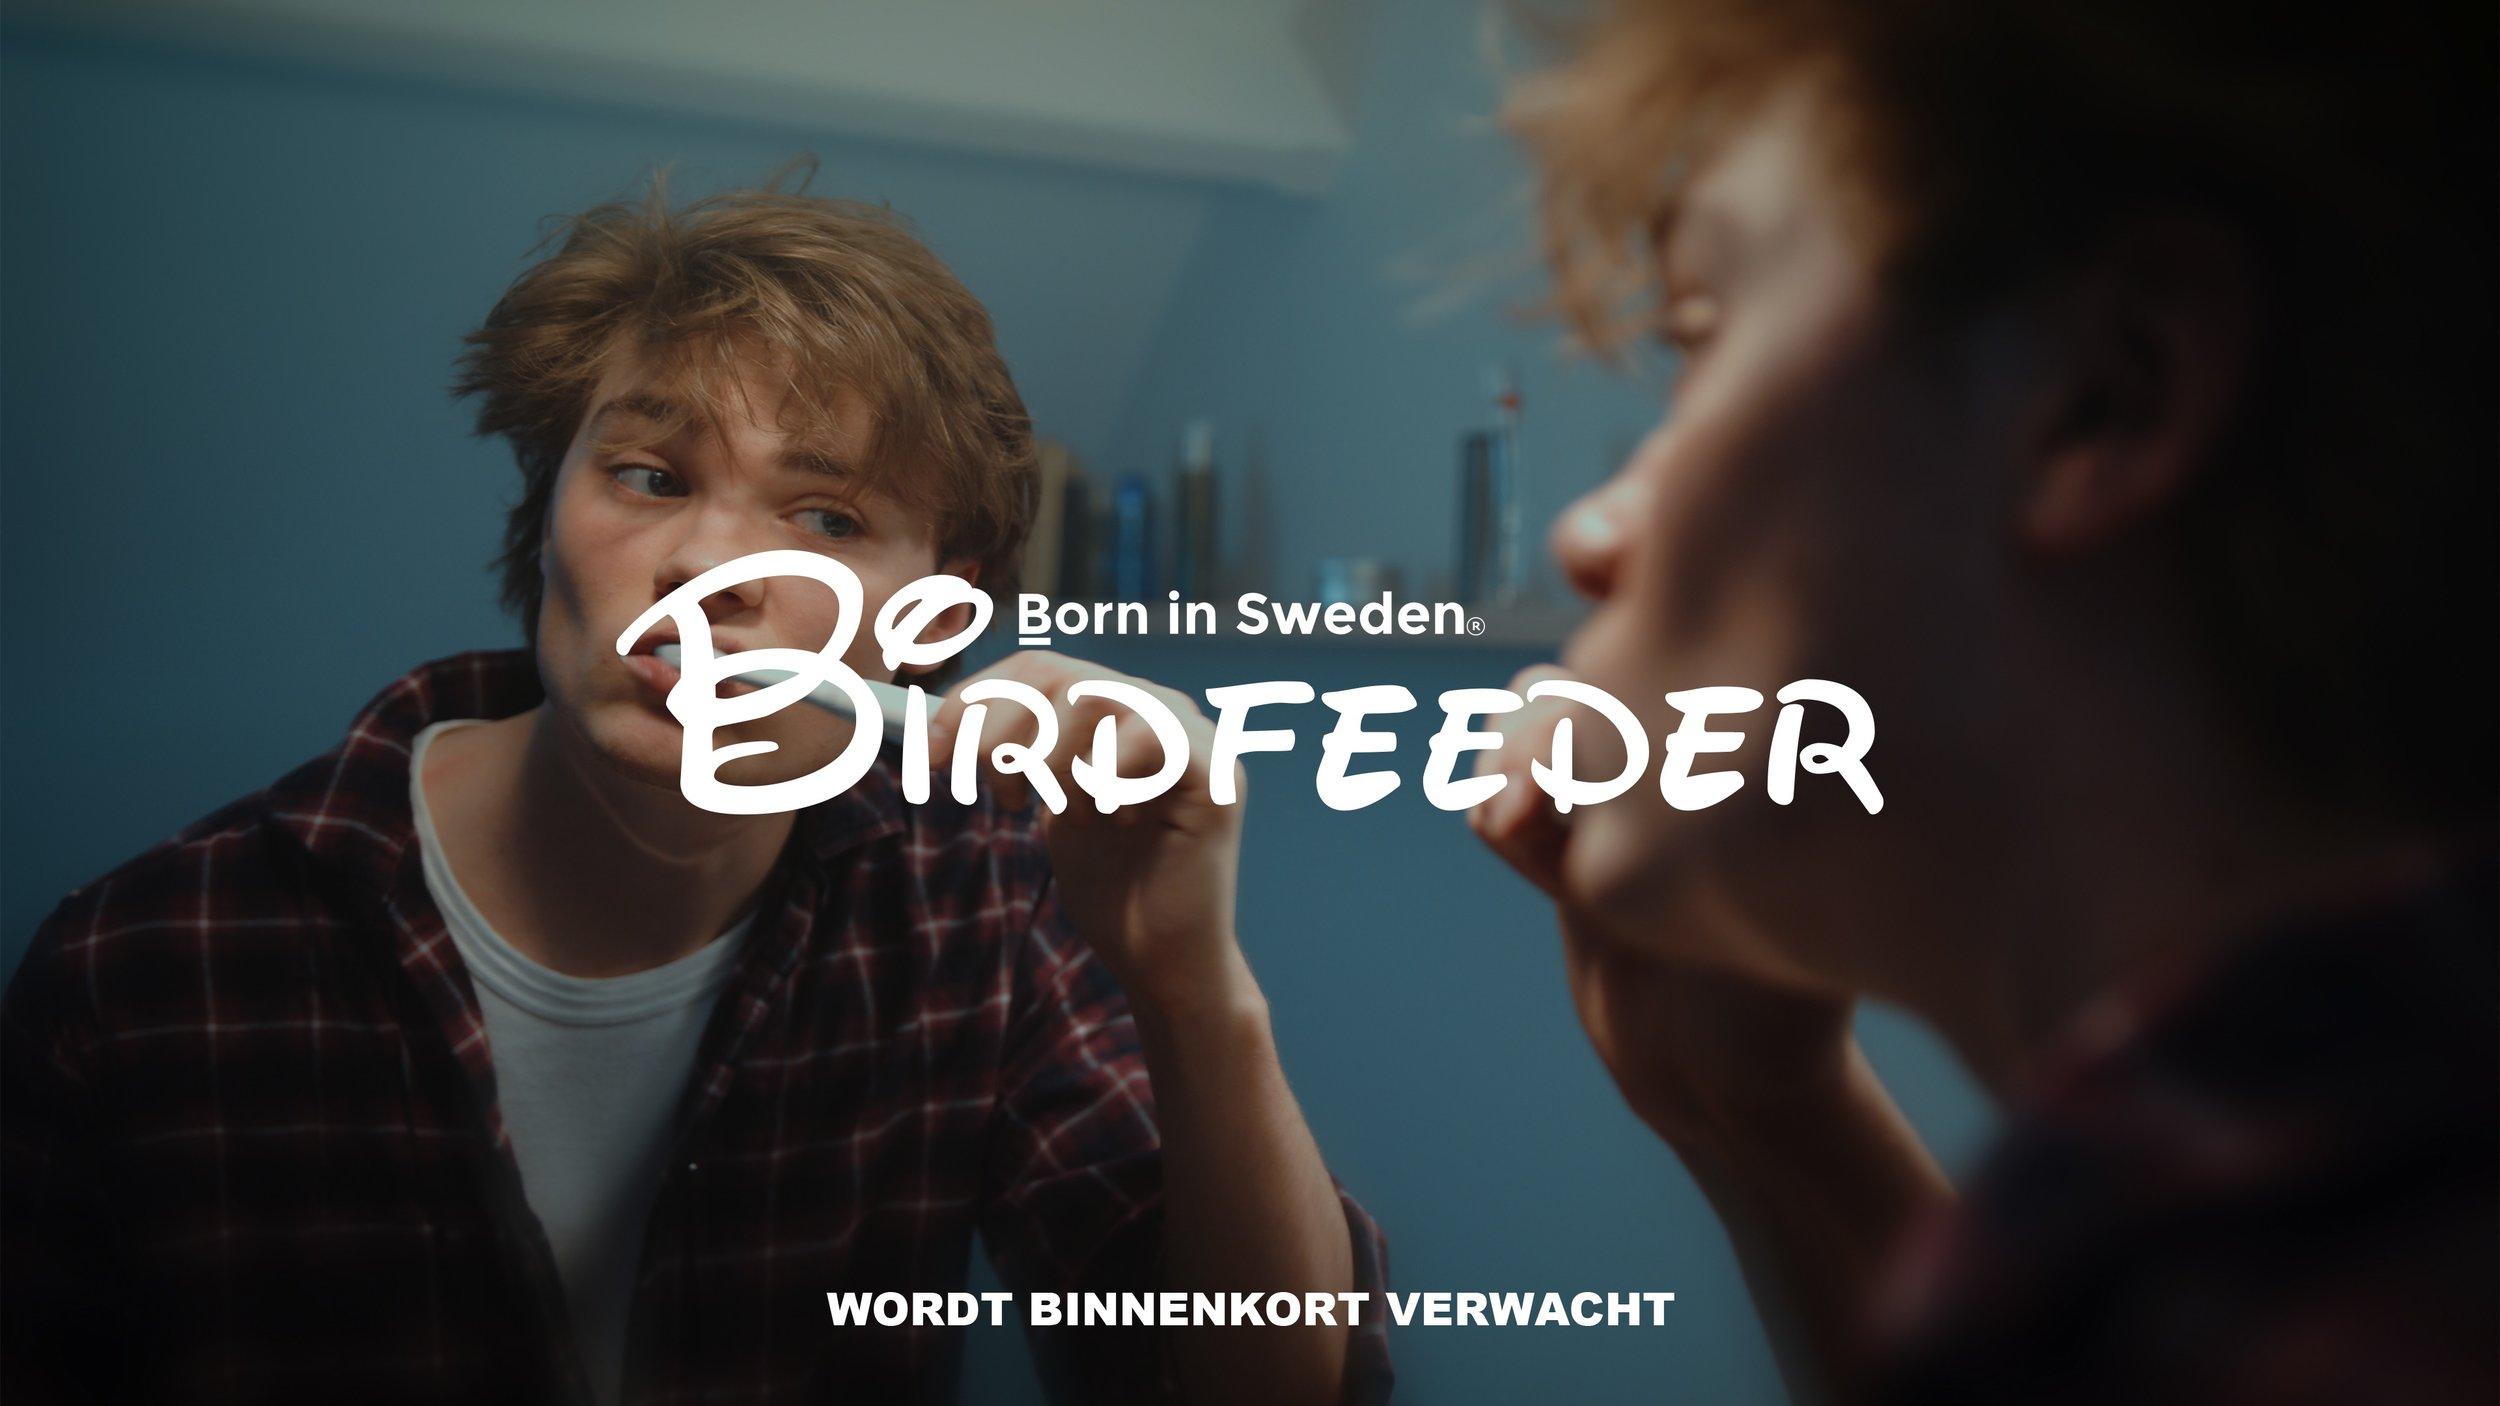 T_Birdfeeder-squashed.jpg